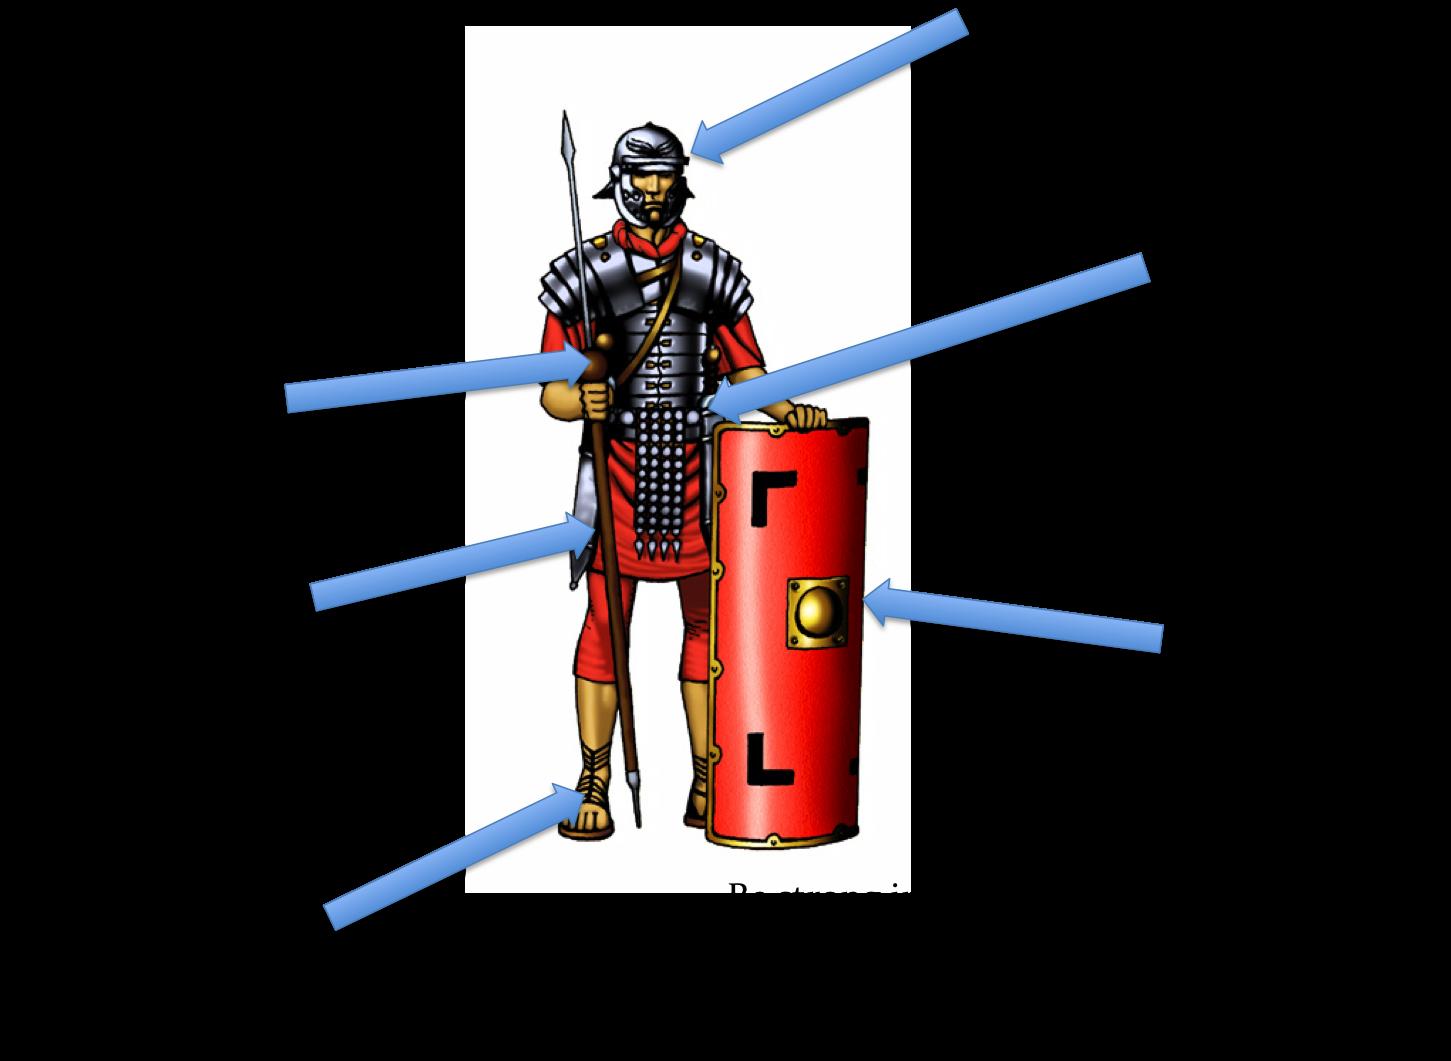 ephesians ephesians 6 v 10 21 armour of god